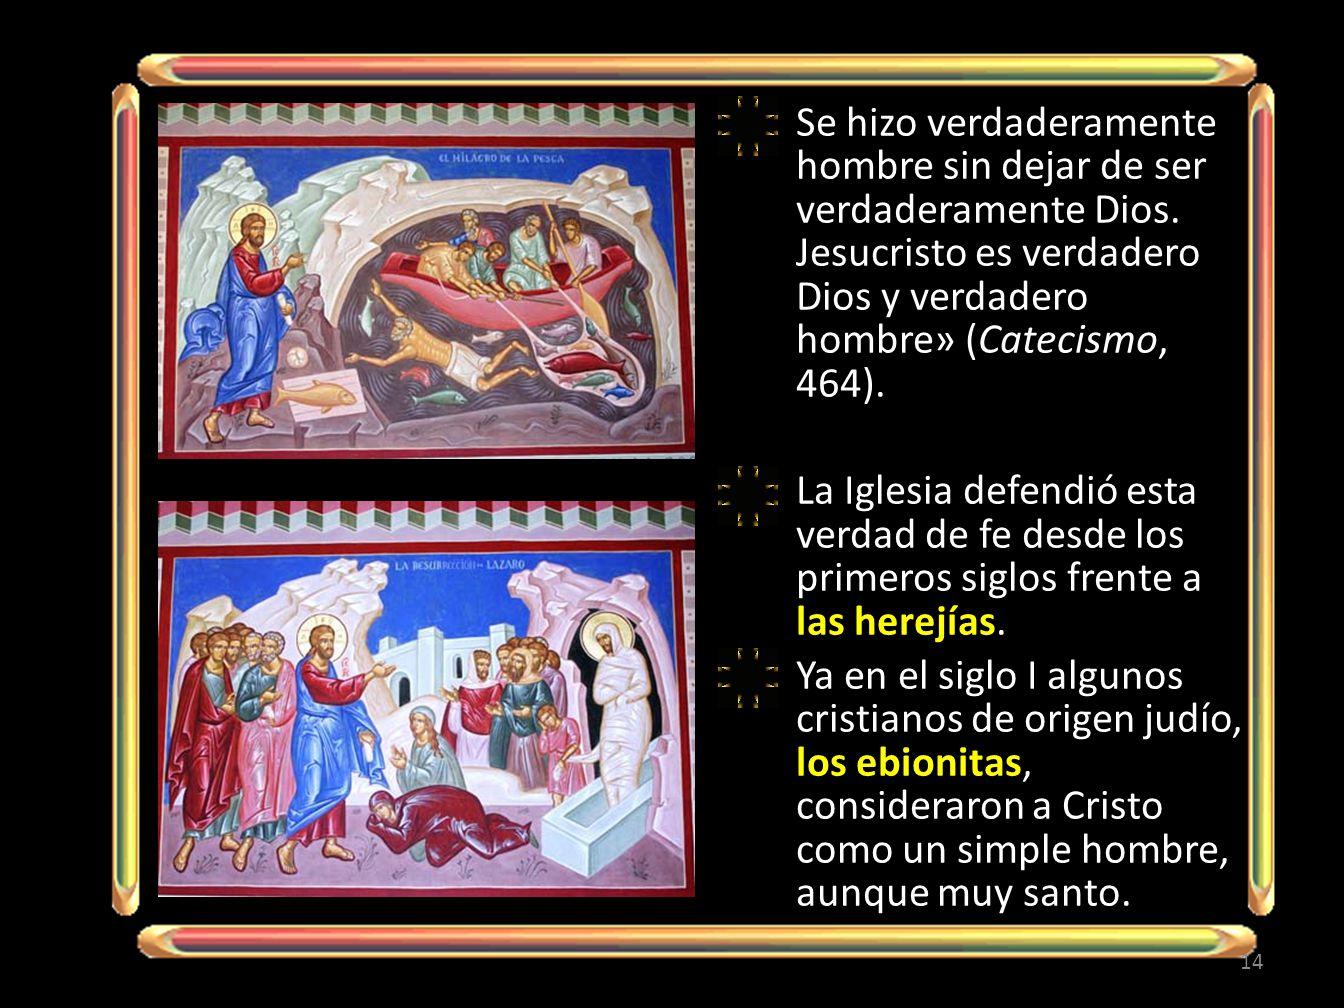 Se hizo verdaderamente hombre sin dejar de ser verdaderamente Dios. Jesucristo es verdadero Dios y verdadero hombre» (Catecismo, 464). La Iglesia defe